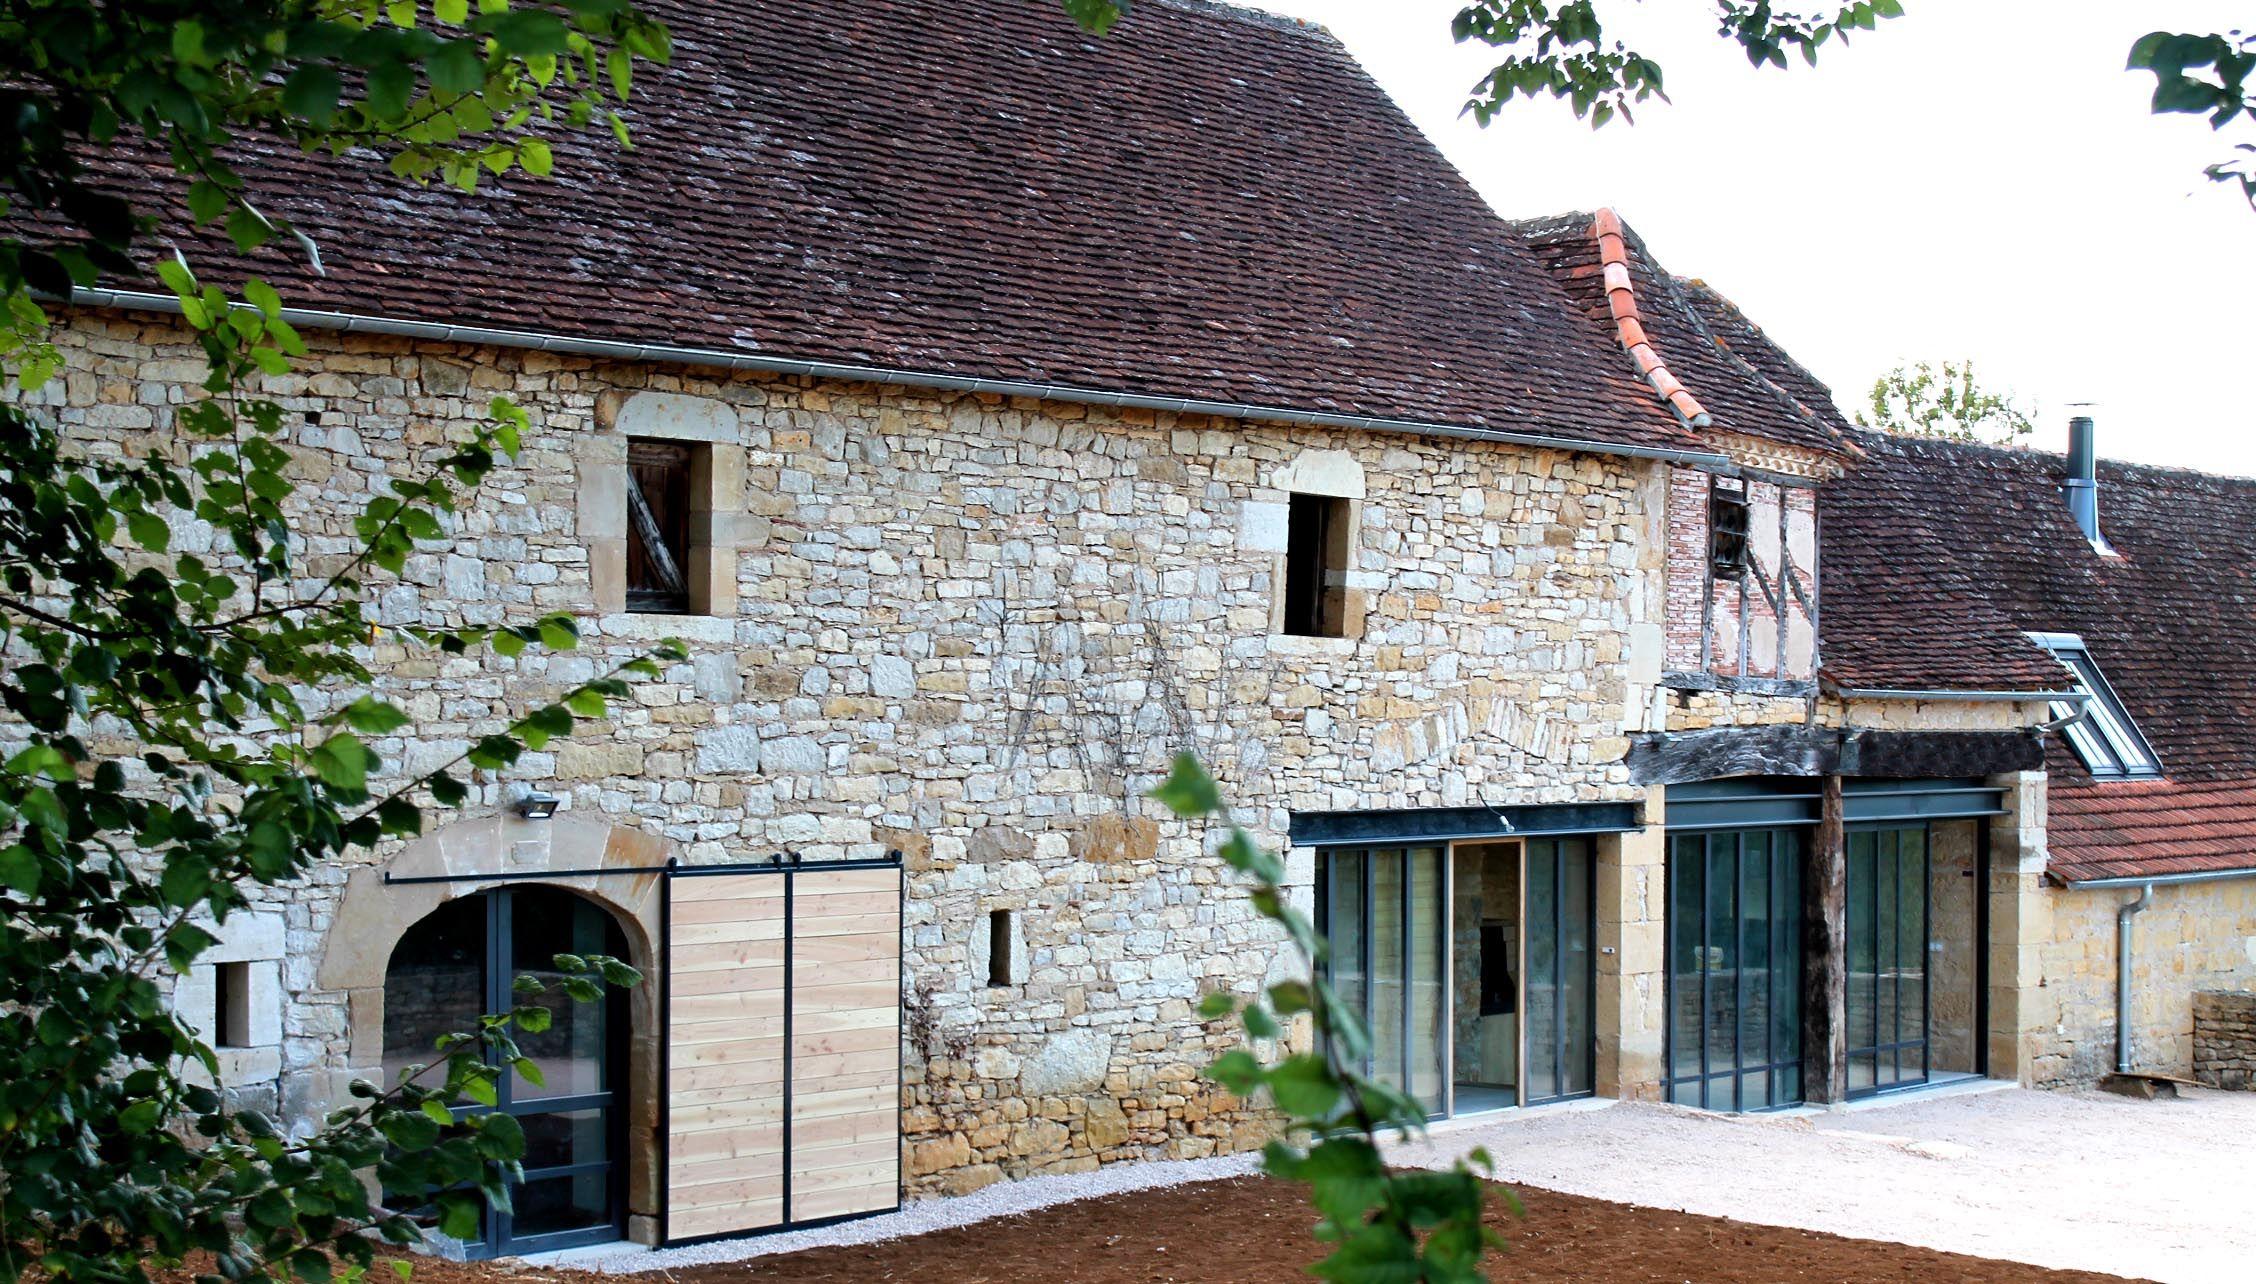 Annuaire architectes Avivre - projet : RÉHABILITATION D'UNE GRANGE EN MAISON - architecture ...